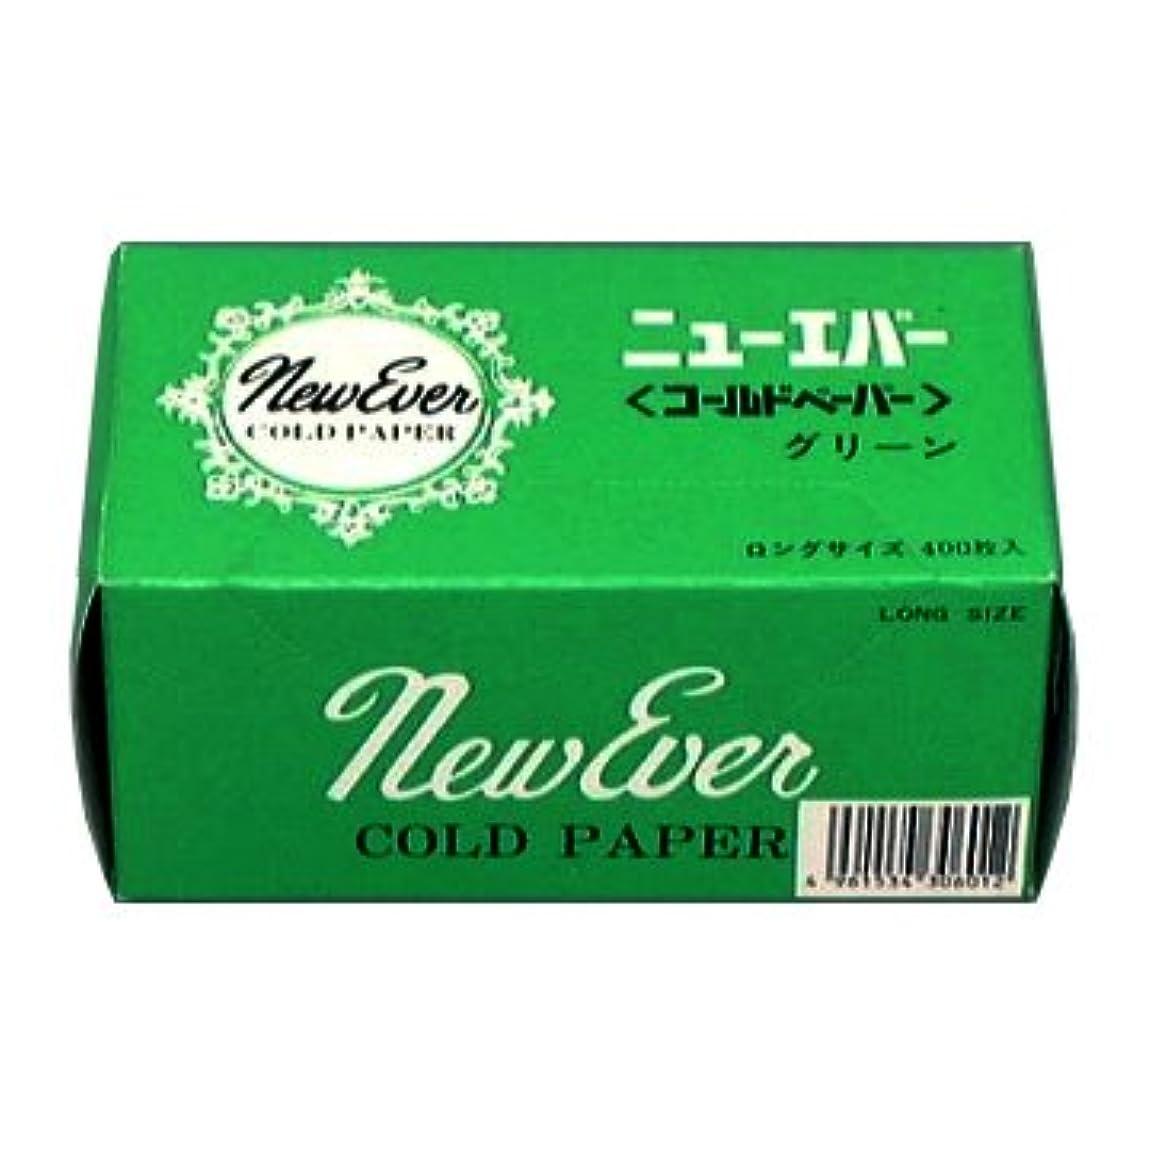 比類のない医薬物思いにふける米正 ニューエバー コールドペーパー グリーン ロングサイズ 400枚入